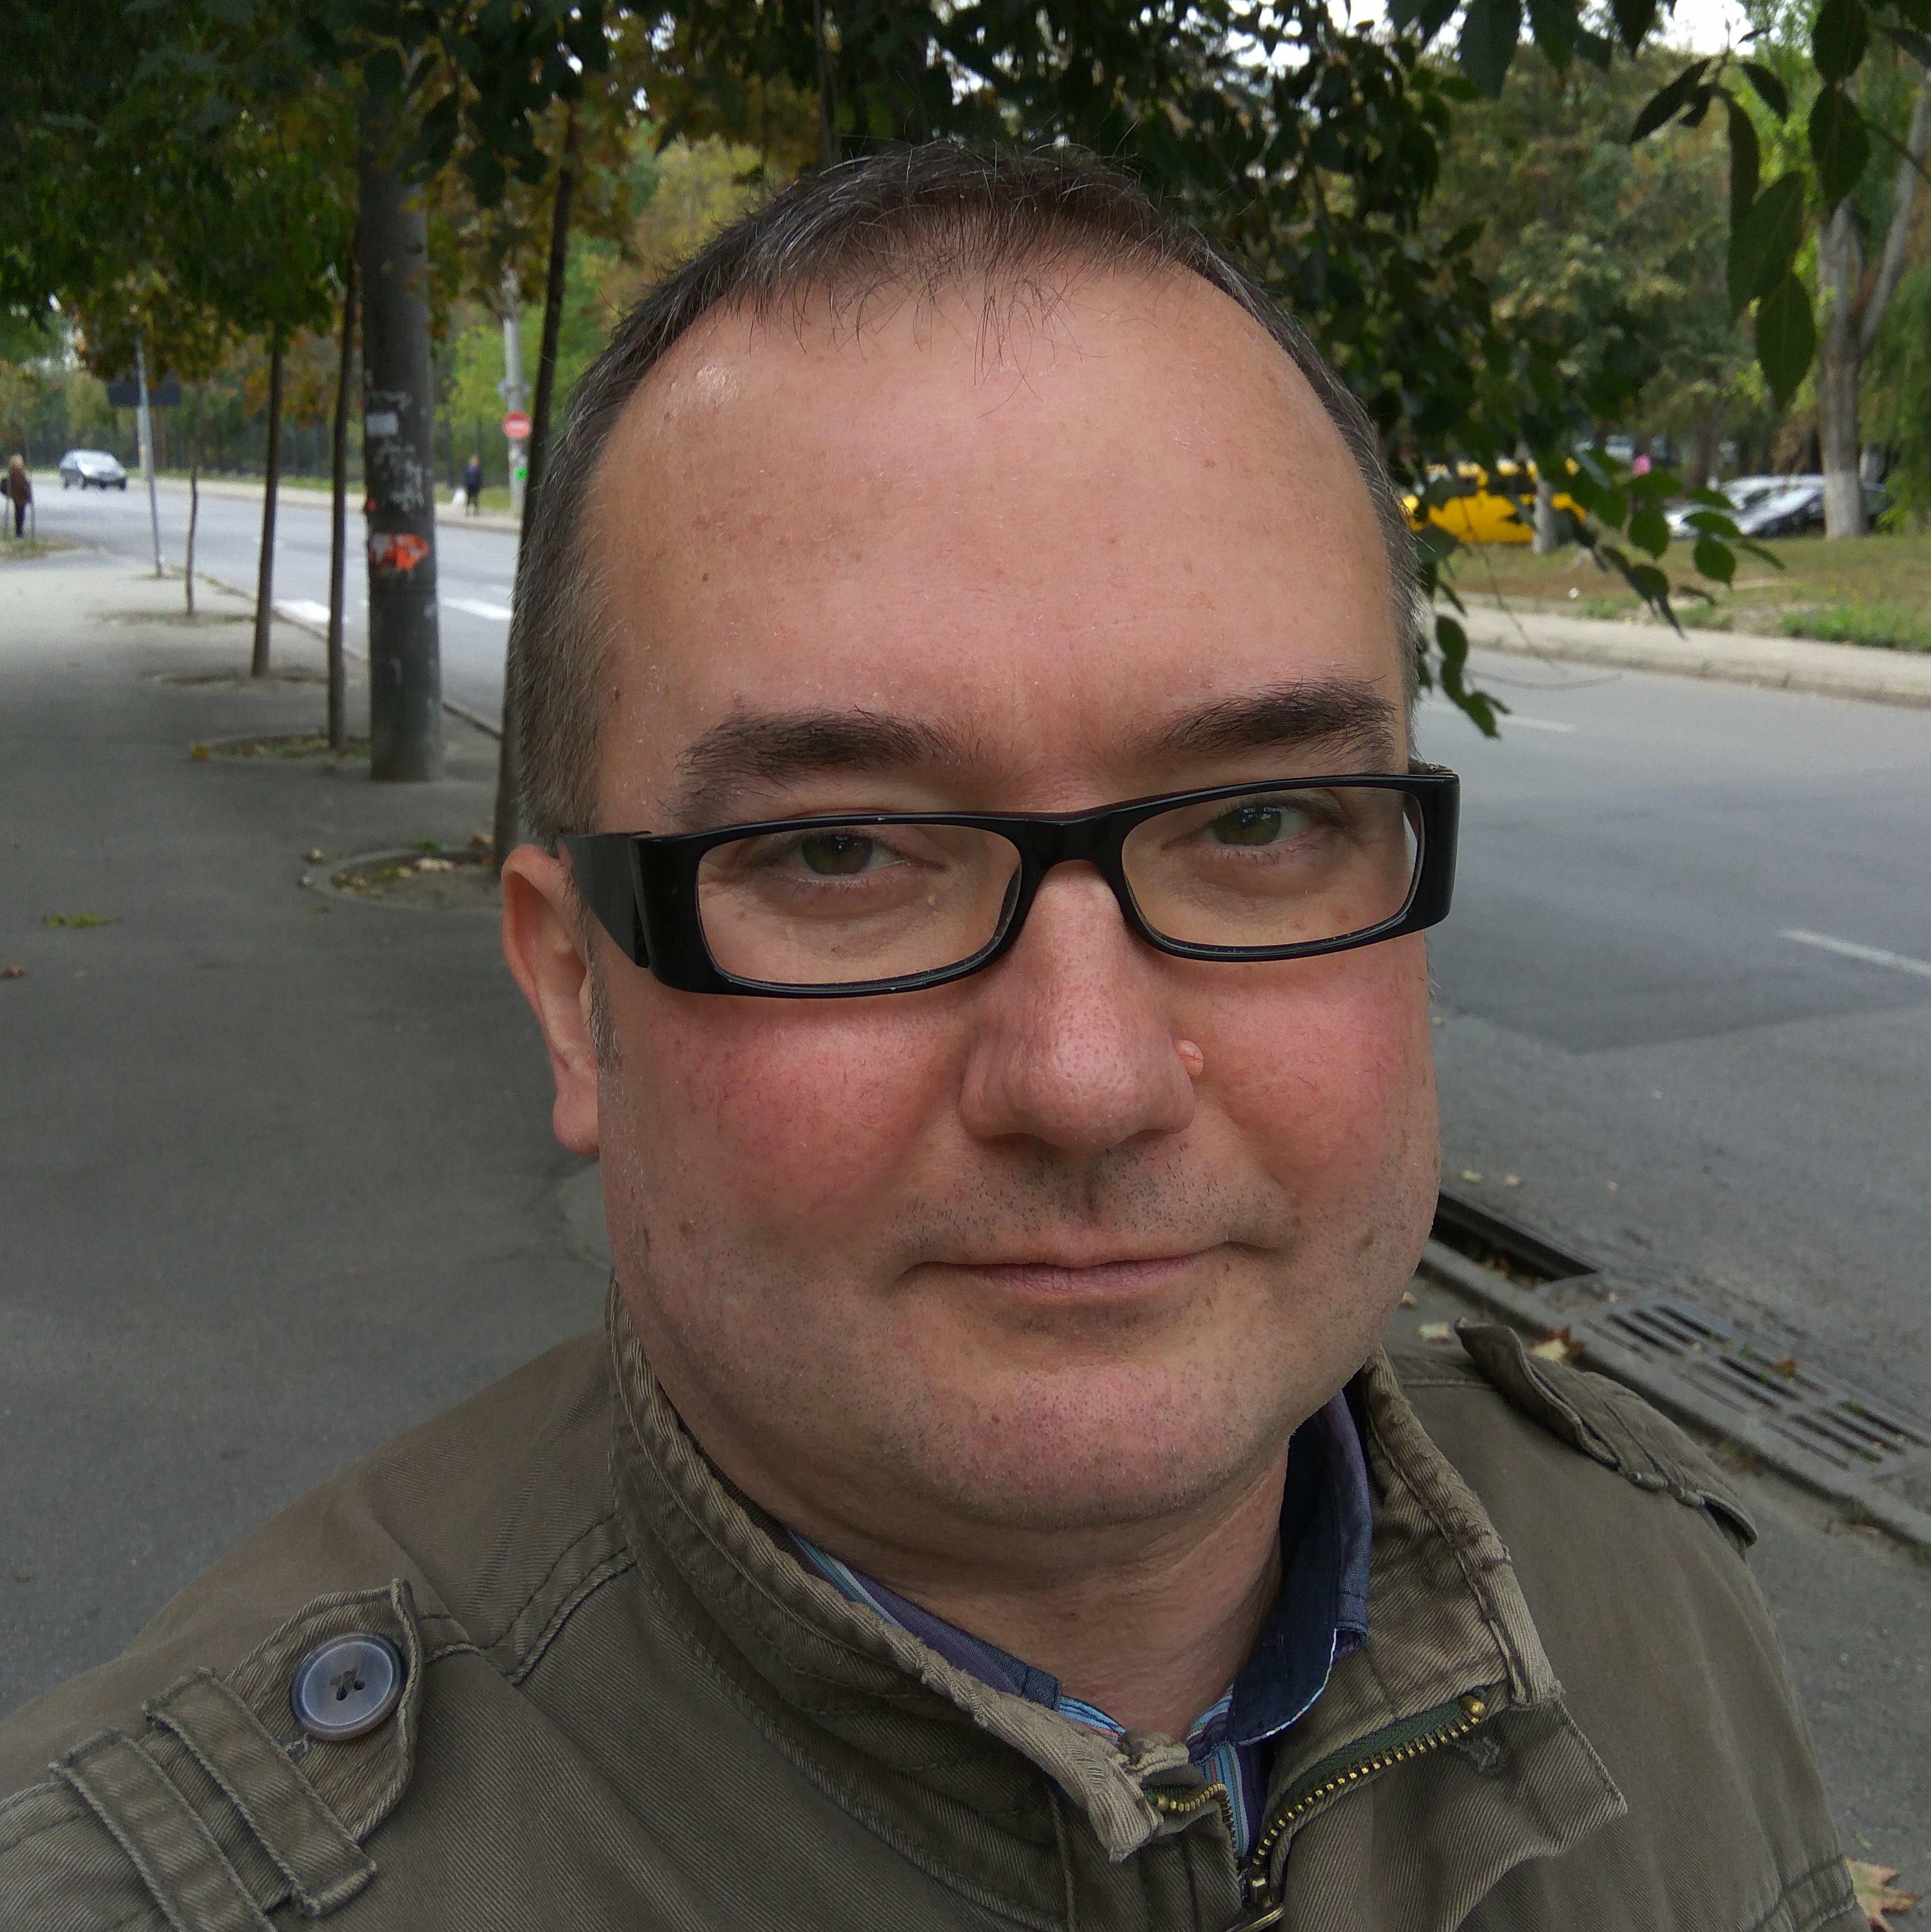 Руководитель проекта, отдела и пр.